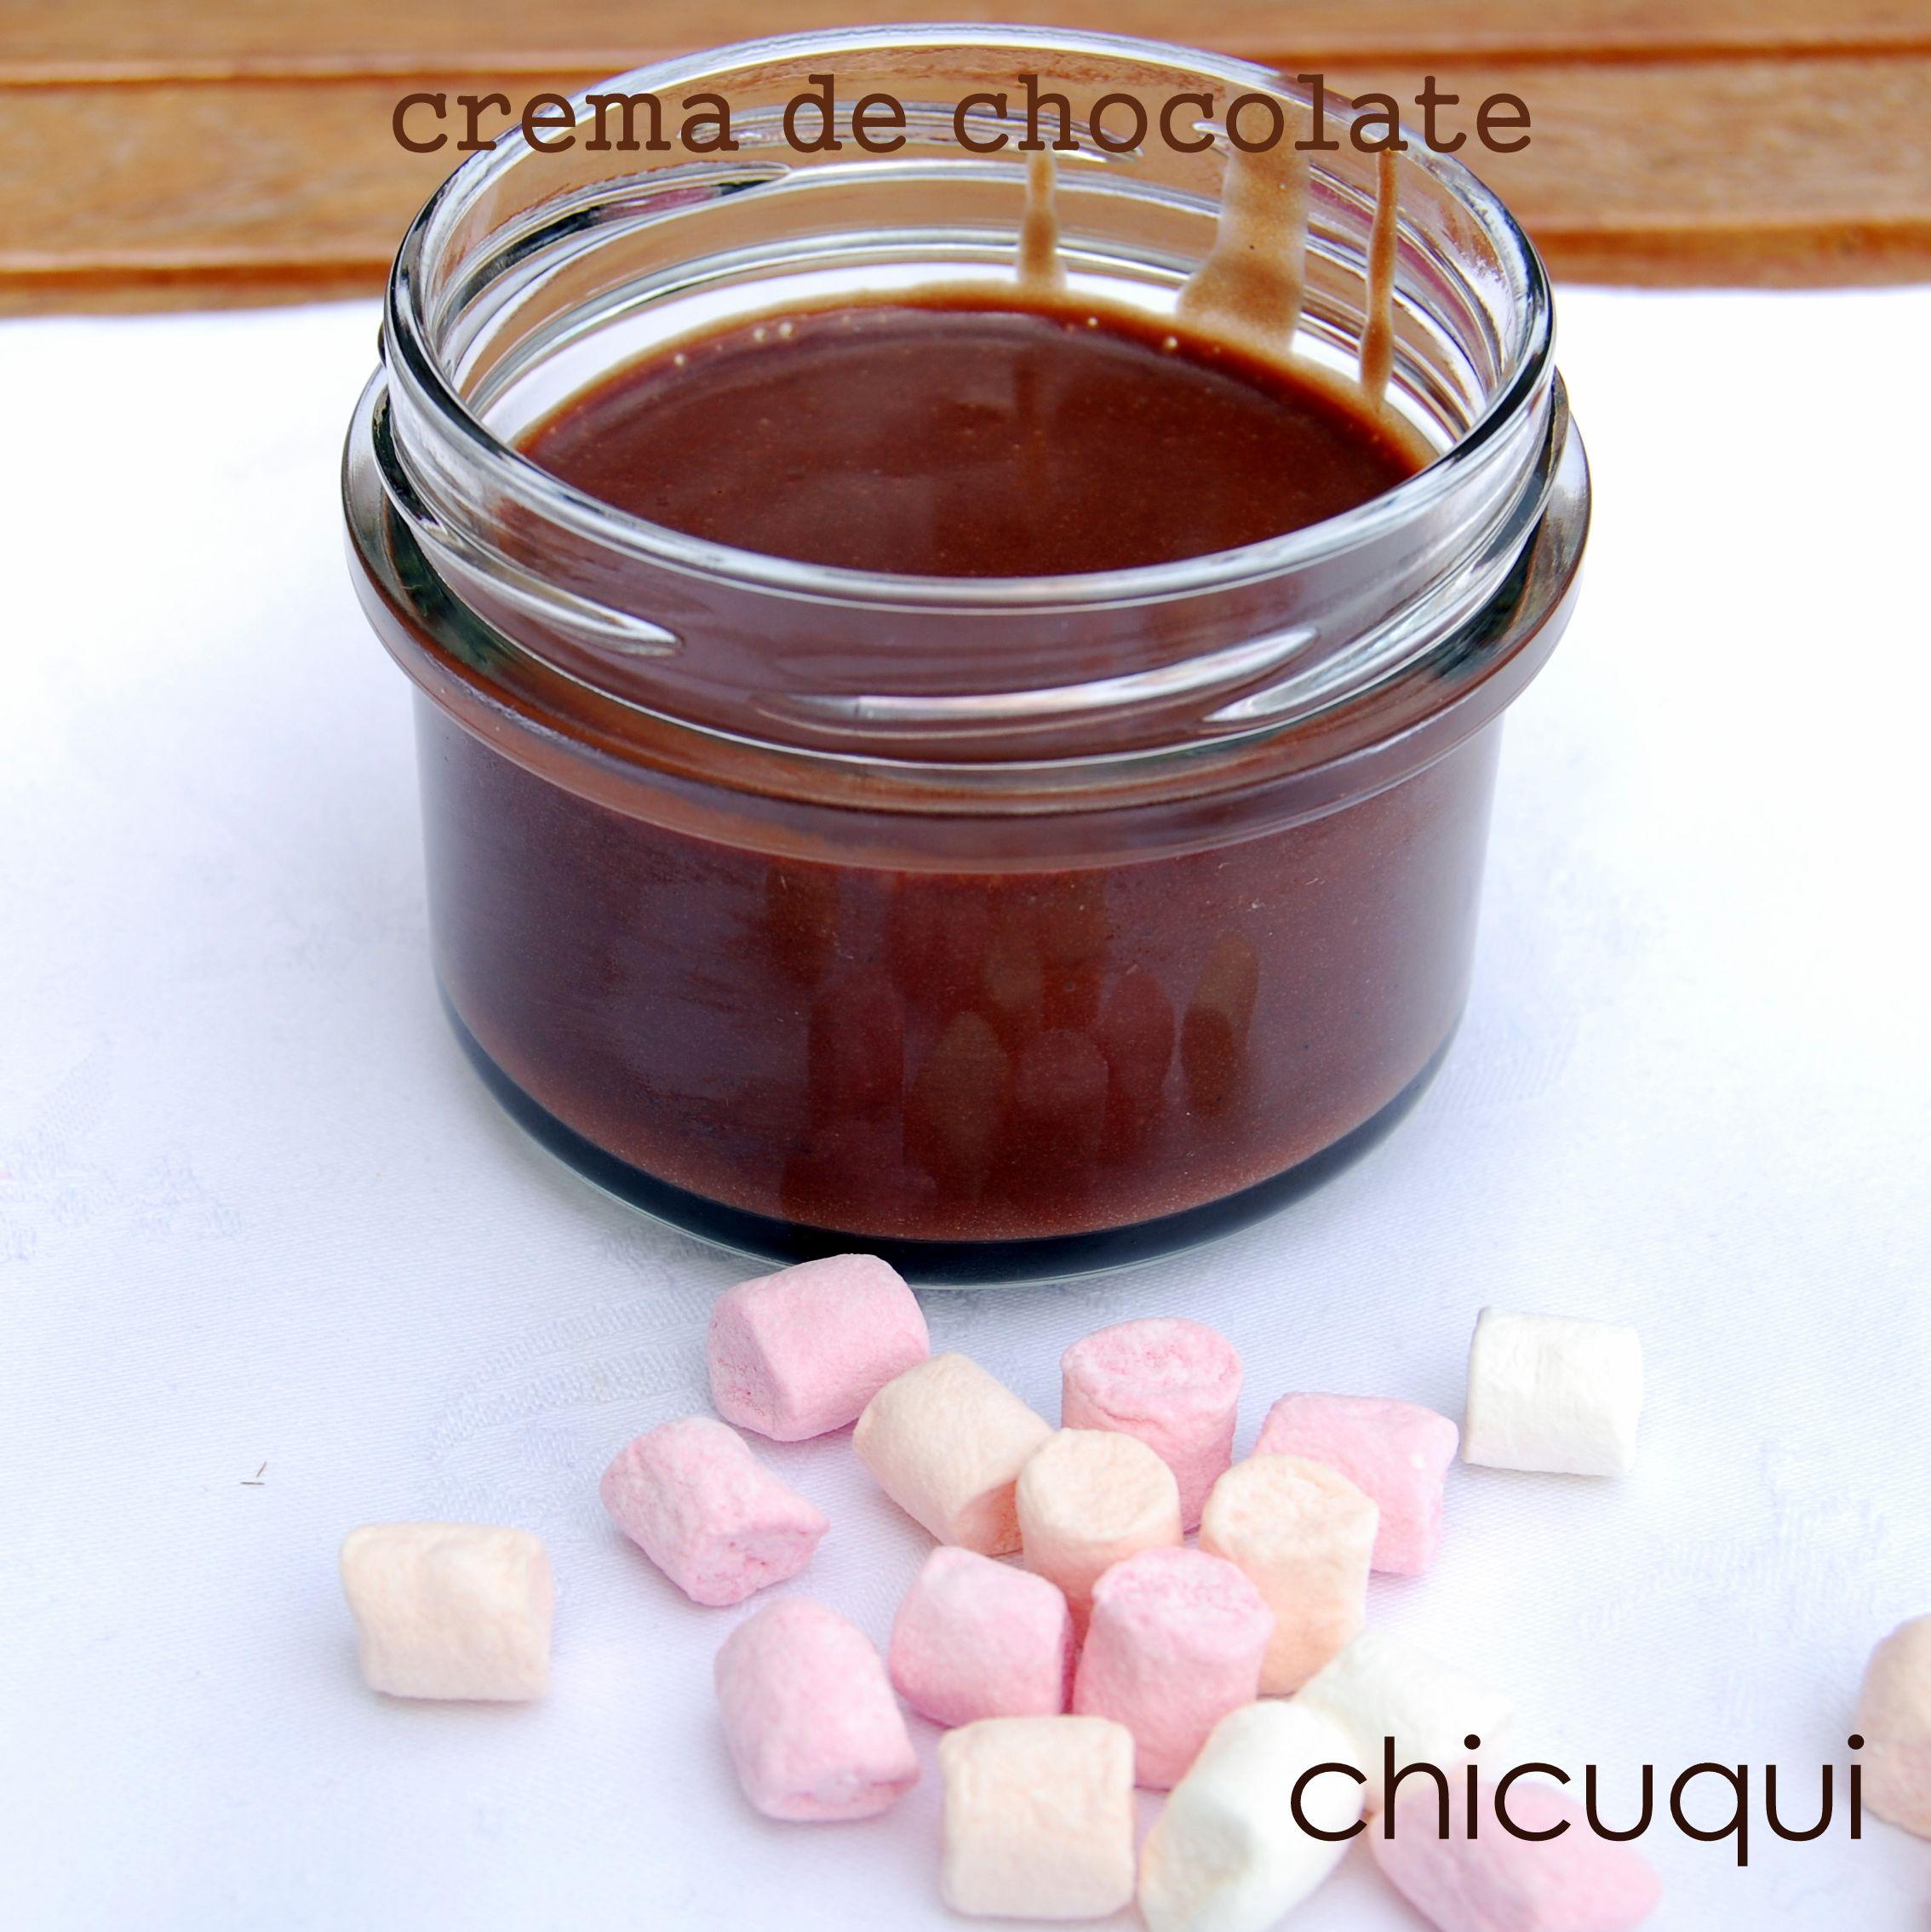 crema de chocolate galletas decoradas chicuqui.com